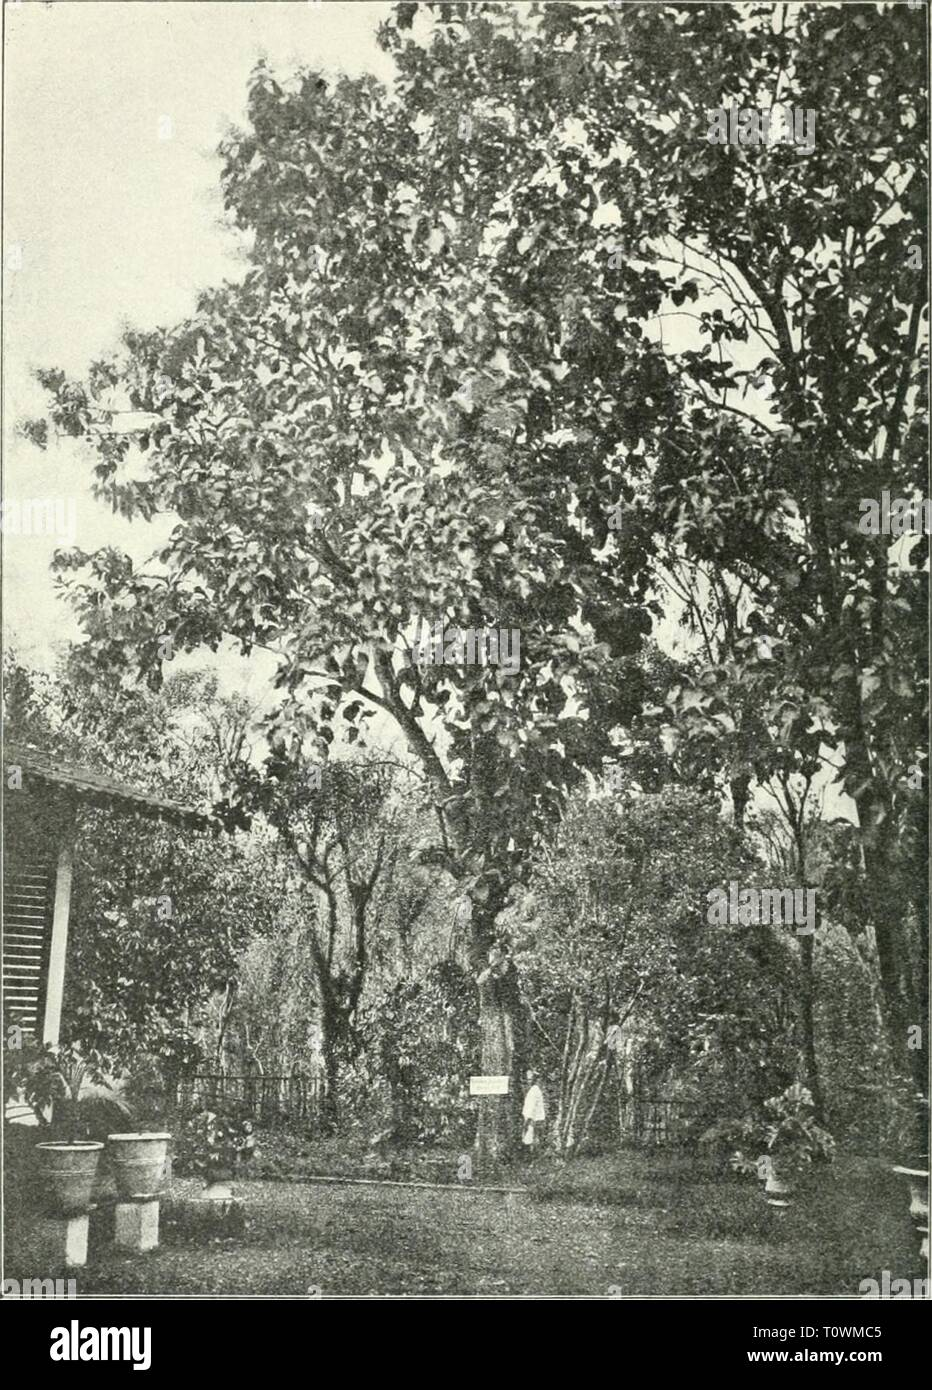 Dr KW van Gorkom's Oost-Indische Dr. K.W. van Gorkom's Oost-Indische cultures. Opnieuw uitg. onder redactie van H.C. Prinsen Geerligs. [Door J.P. van der Stock et al.]  drkwvangorkomsoo03gorkuoft Year: 1917  Fig. 259. Djatiboom staande in 's Lands Plantentuin te Buitenzorg. - Stock Image